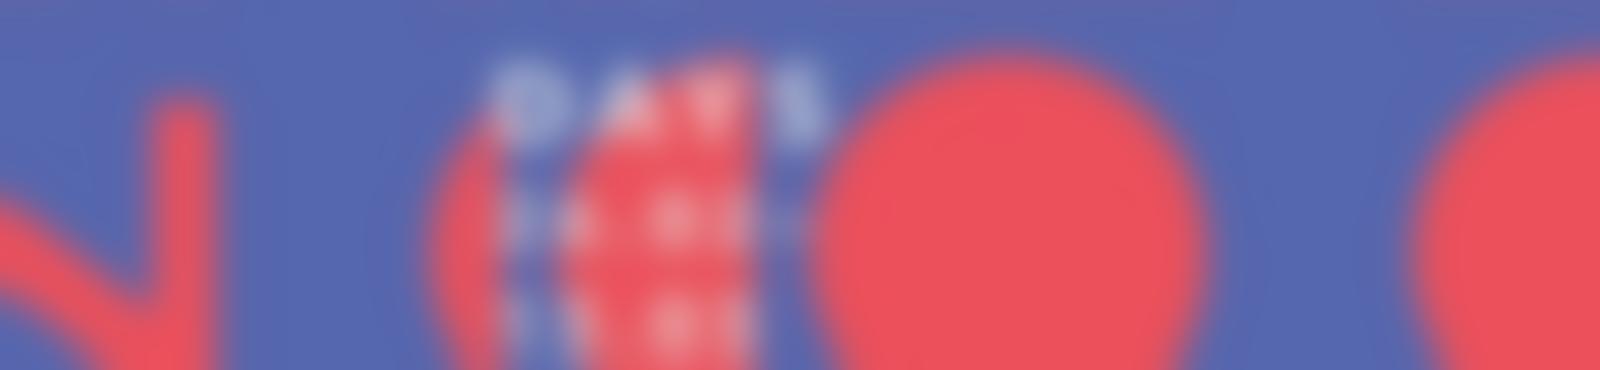 Blurred f40f617b d11f 44b1 9125 c7039041bc3b